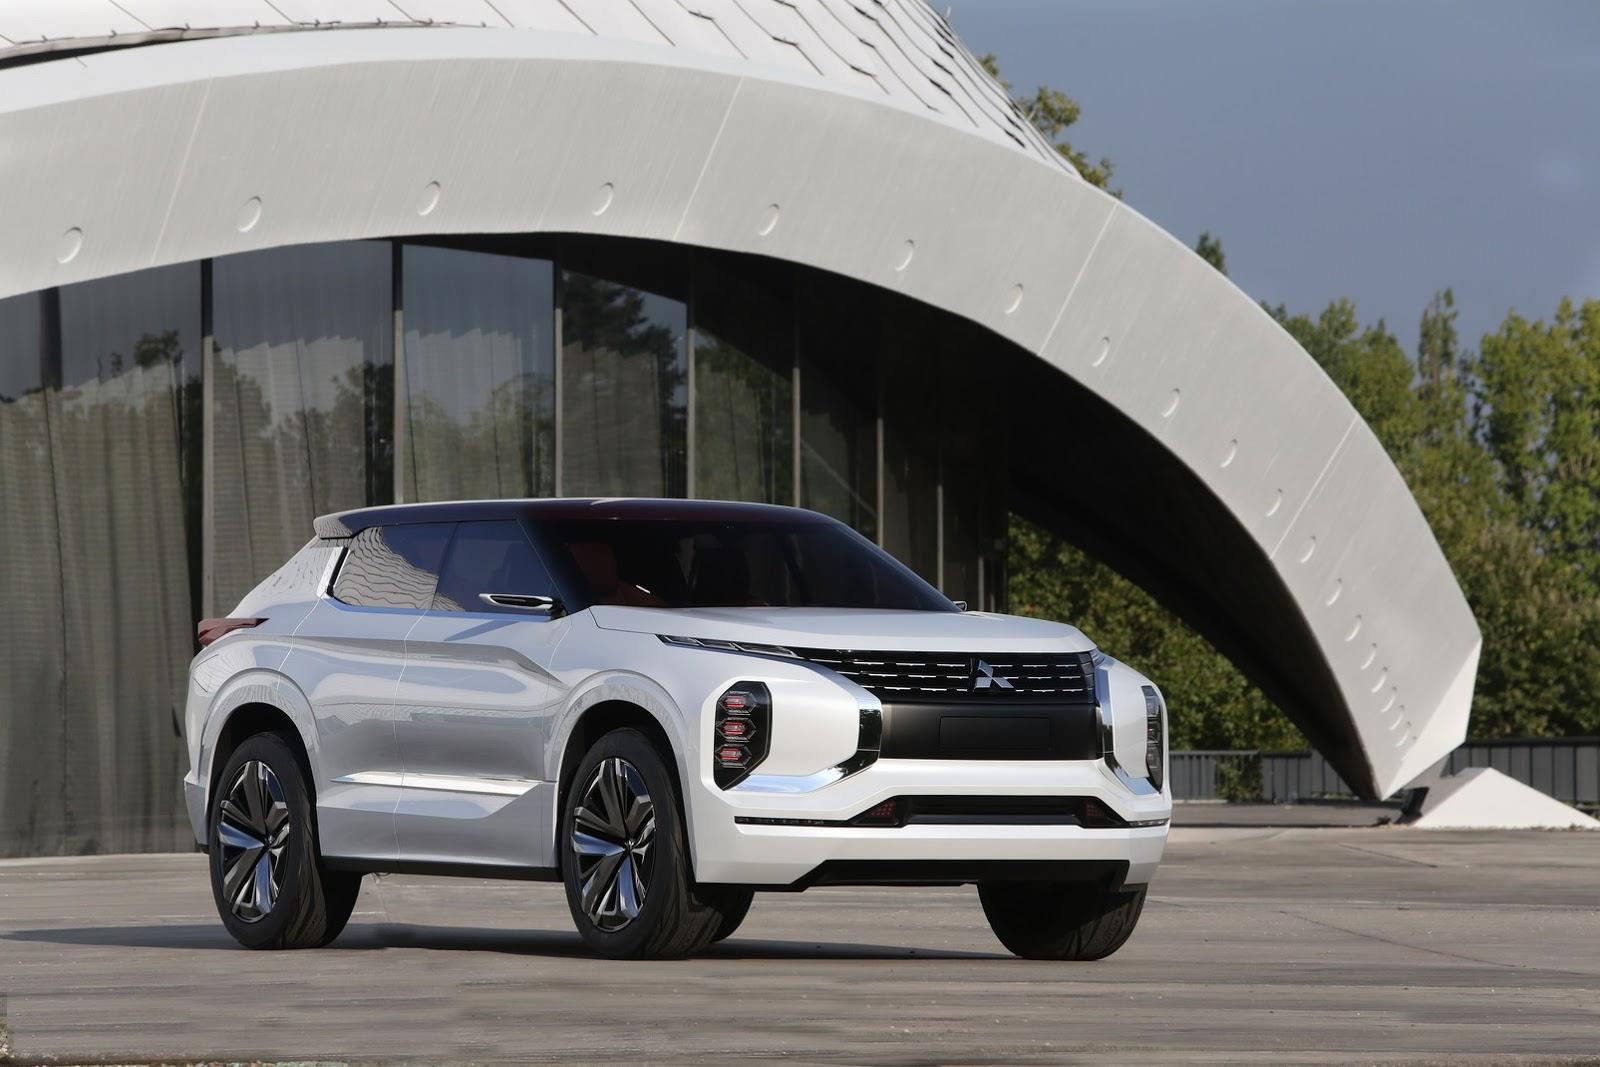 Paris auto show 2016: Mitsubishi GT-PHEV concept